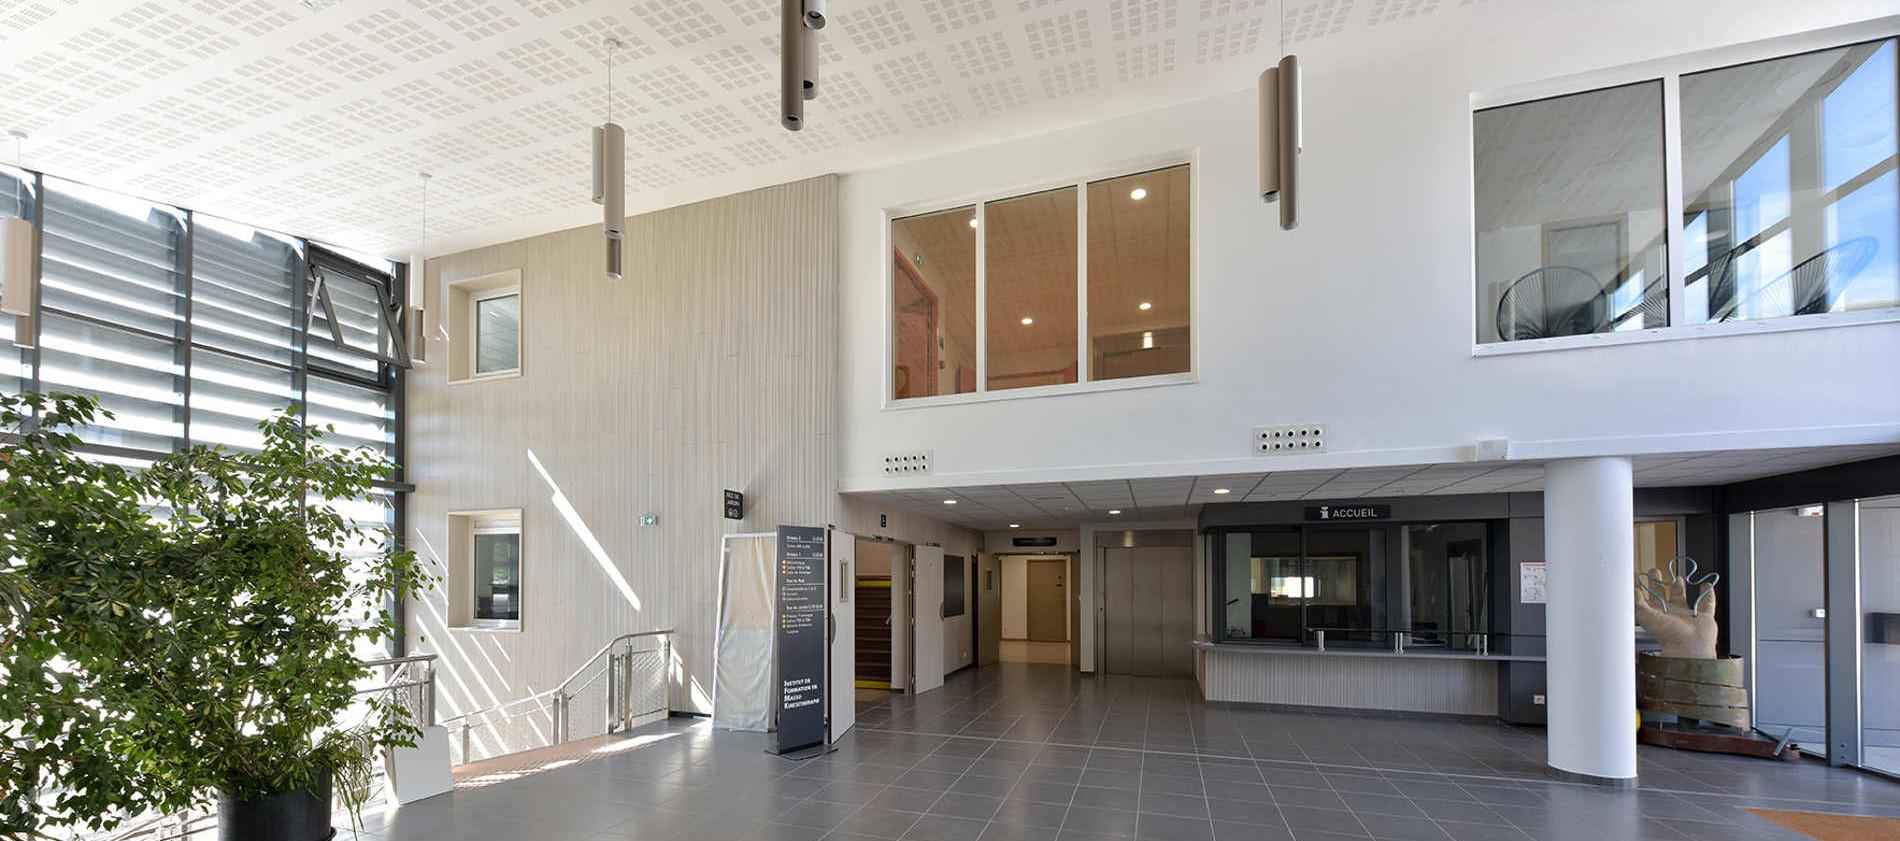 Hall d'entrée IFMK - Vichy (03) - CDR Promotion